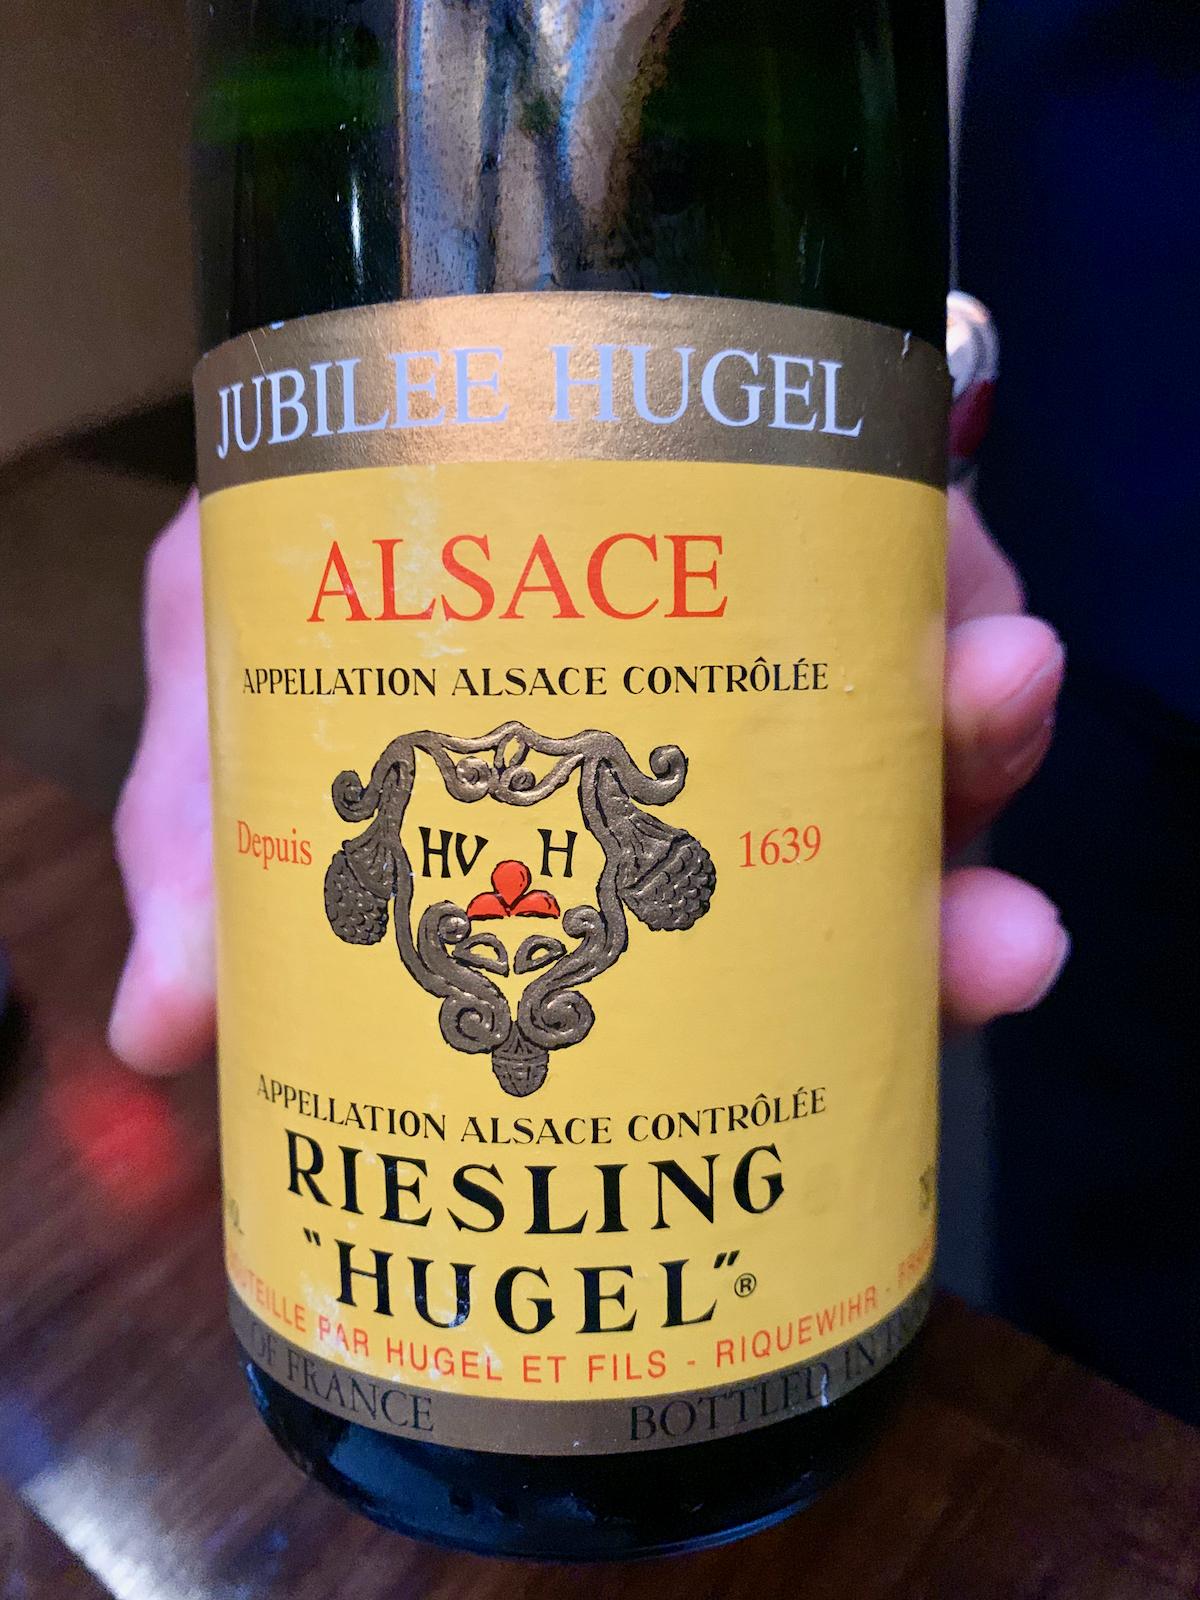 Benu - Hugel, Jubilee Riesling 2004, Alsace, France